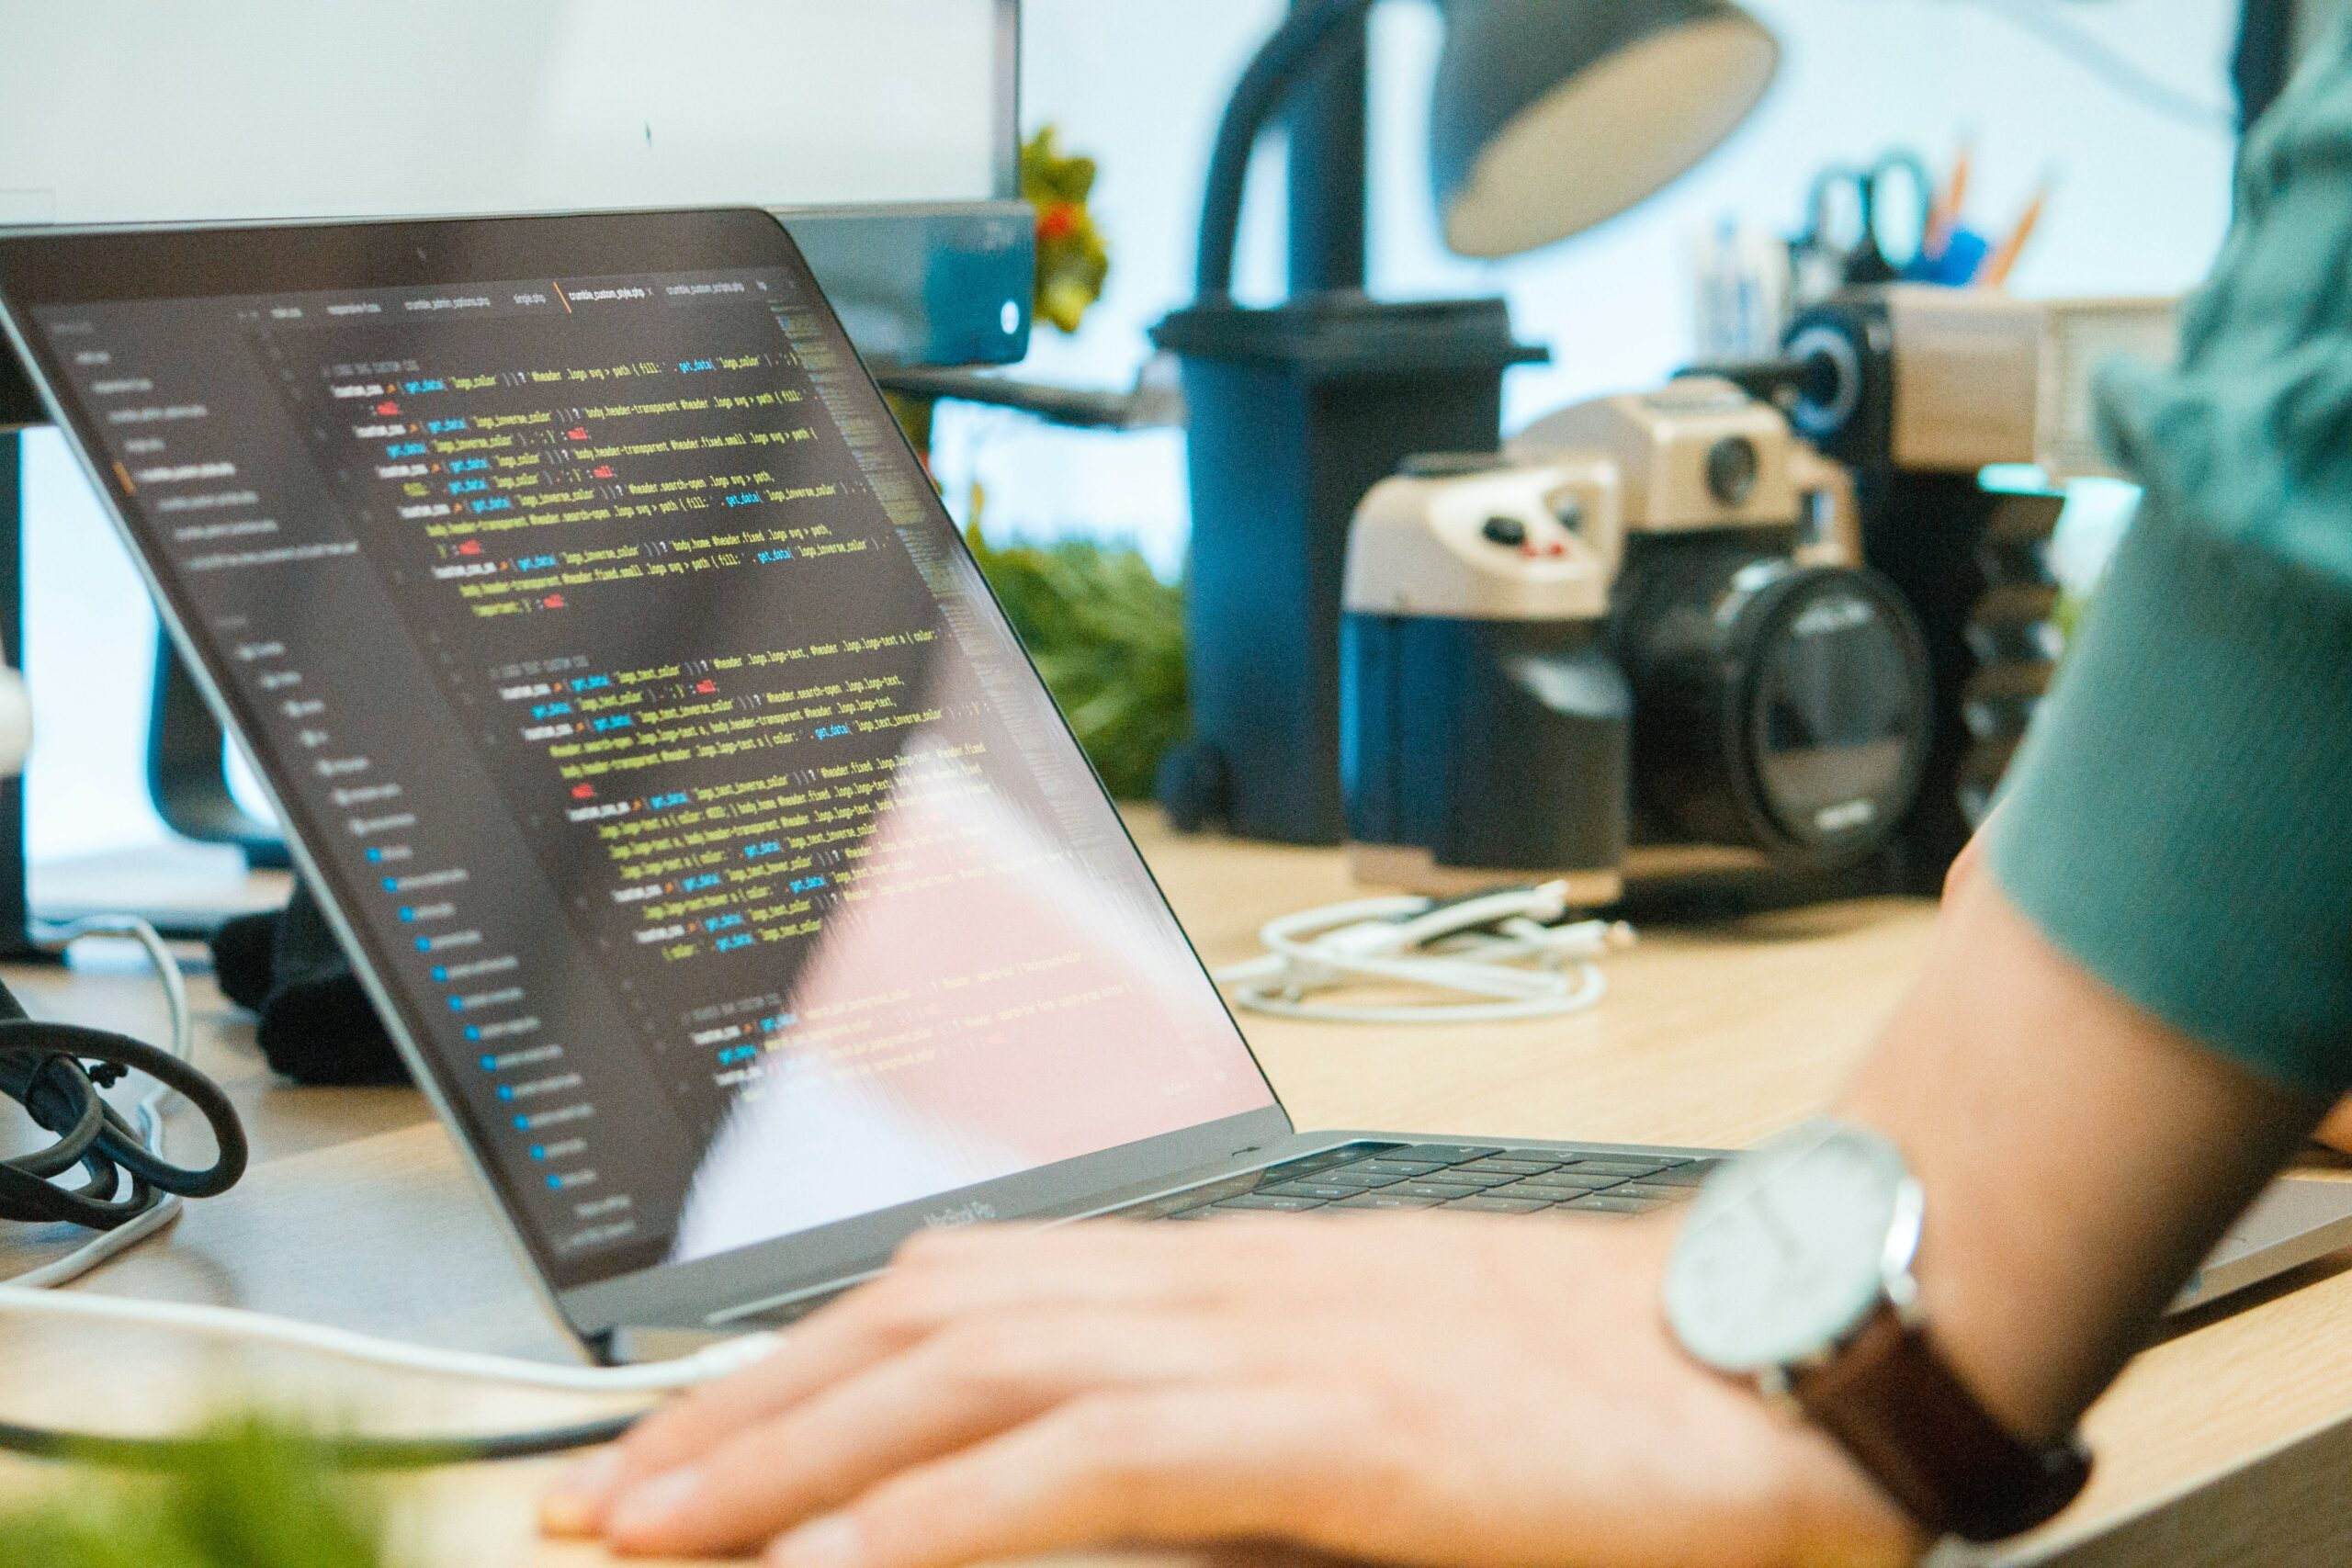 OpenCart programátor. Co by měl umět?